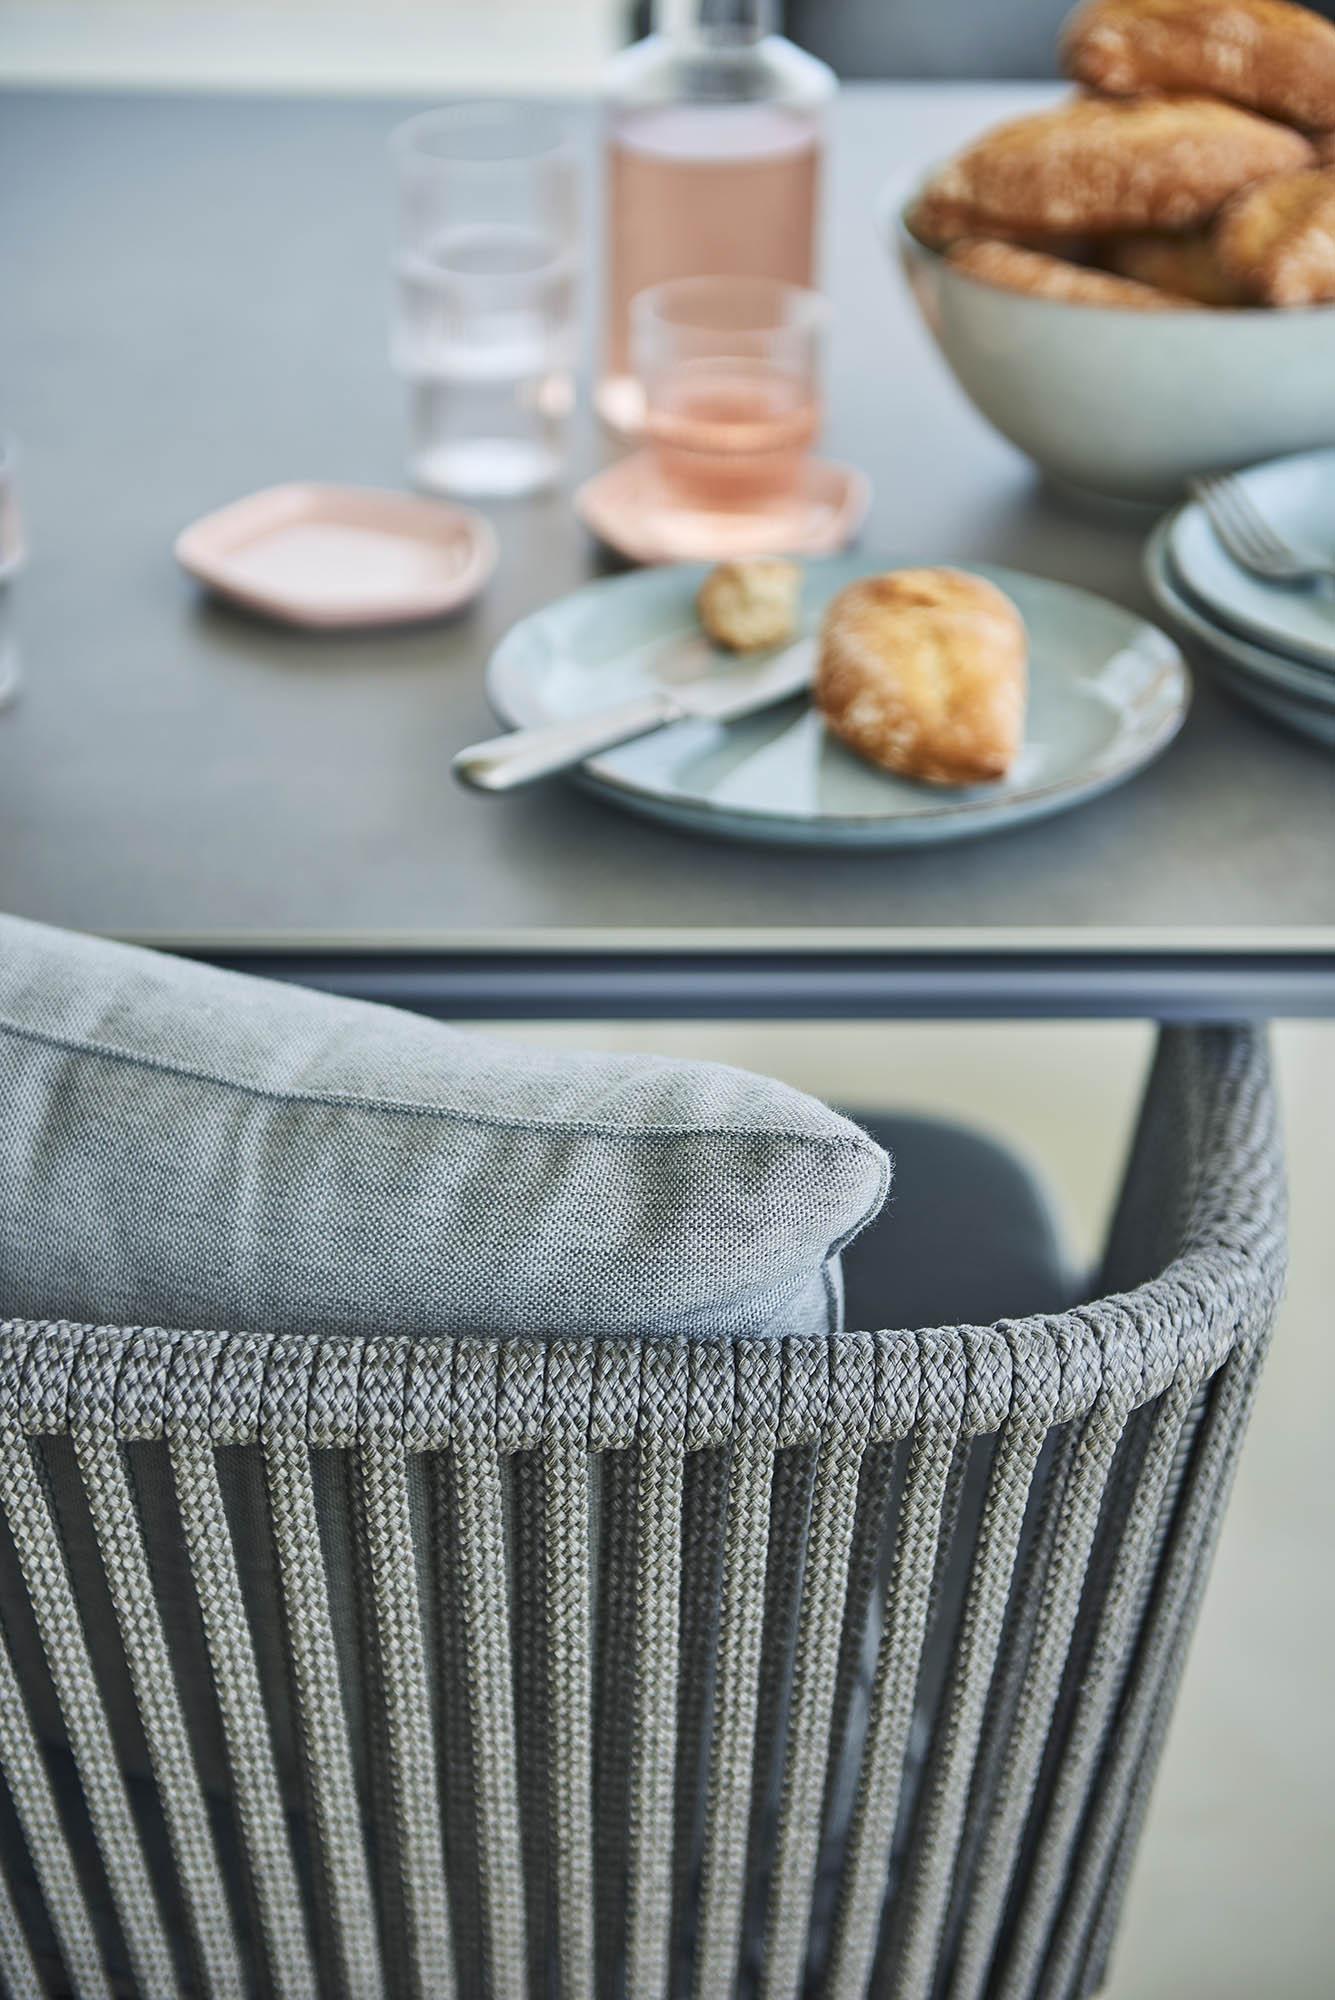 Detaljbild av Moments stol och Pure bord.